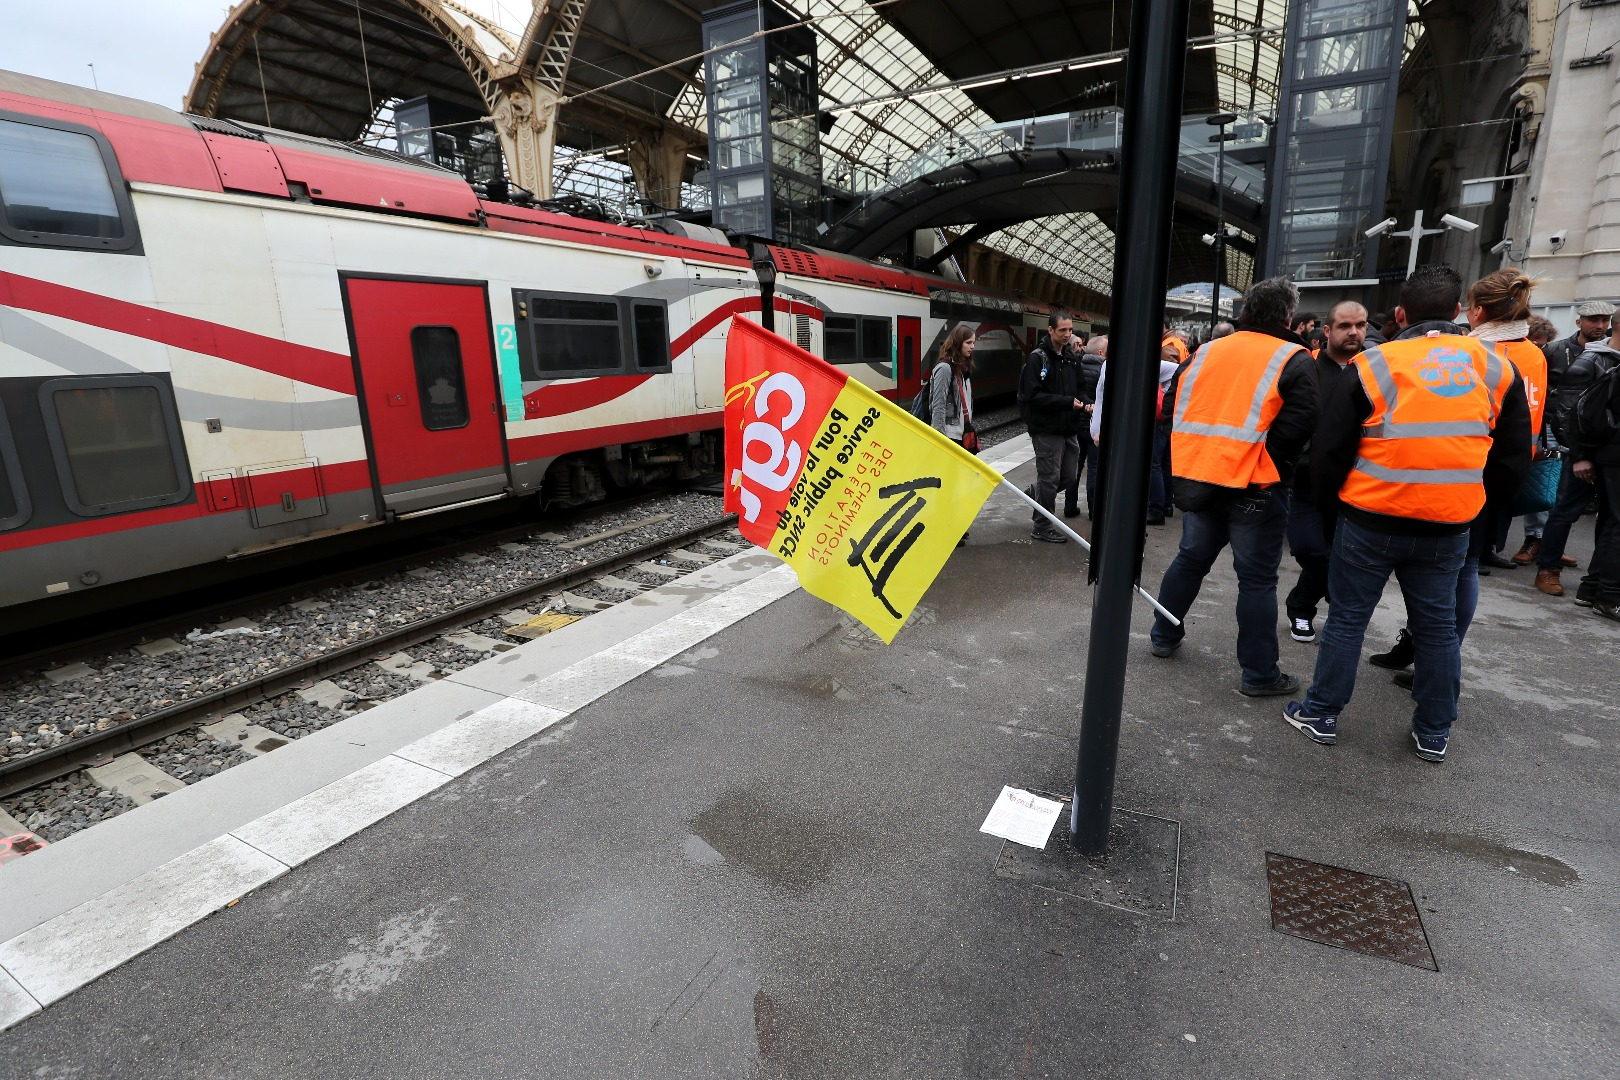 Днес в стачката са се включили 43% от служителите на Ес Ен Се Еф (SNCF).